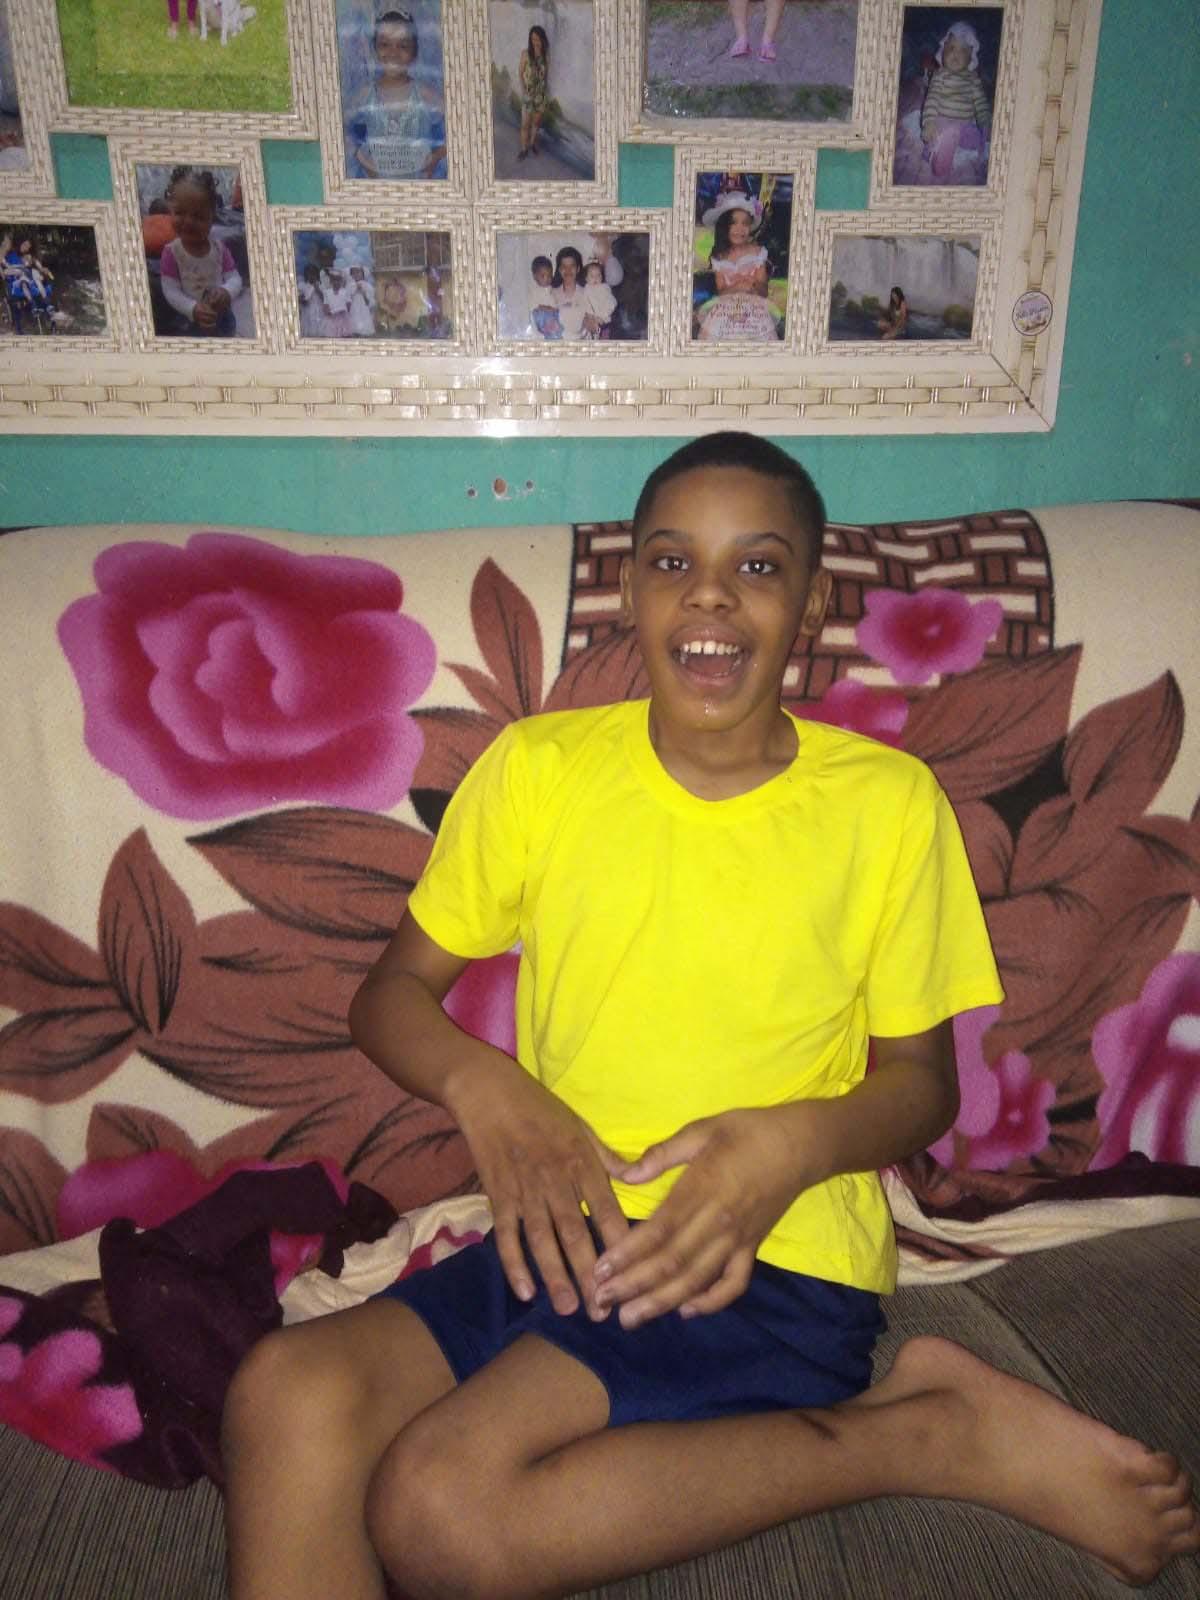 menino negro com poliomielite sentado em sofá